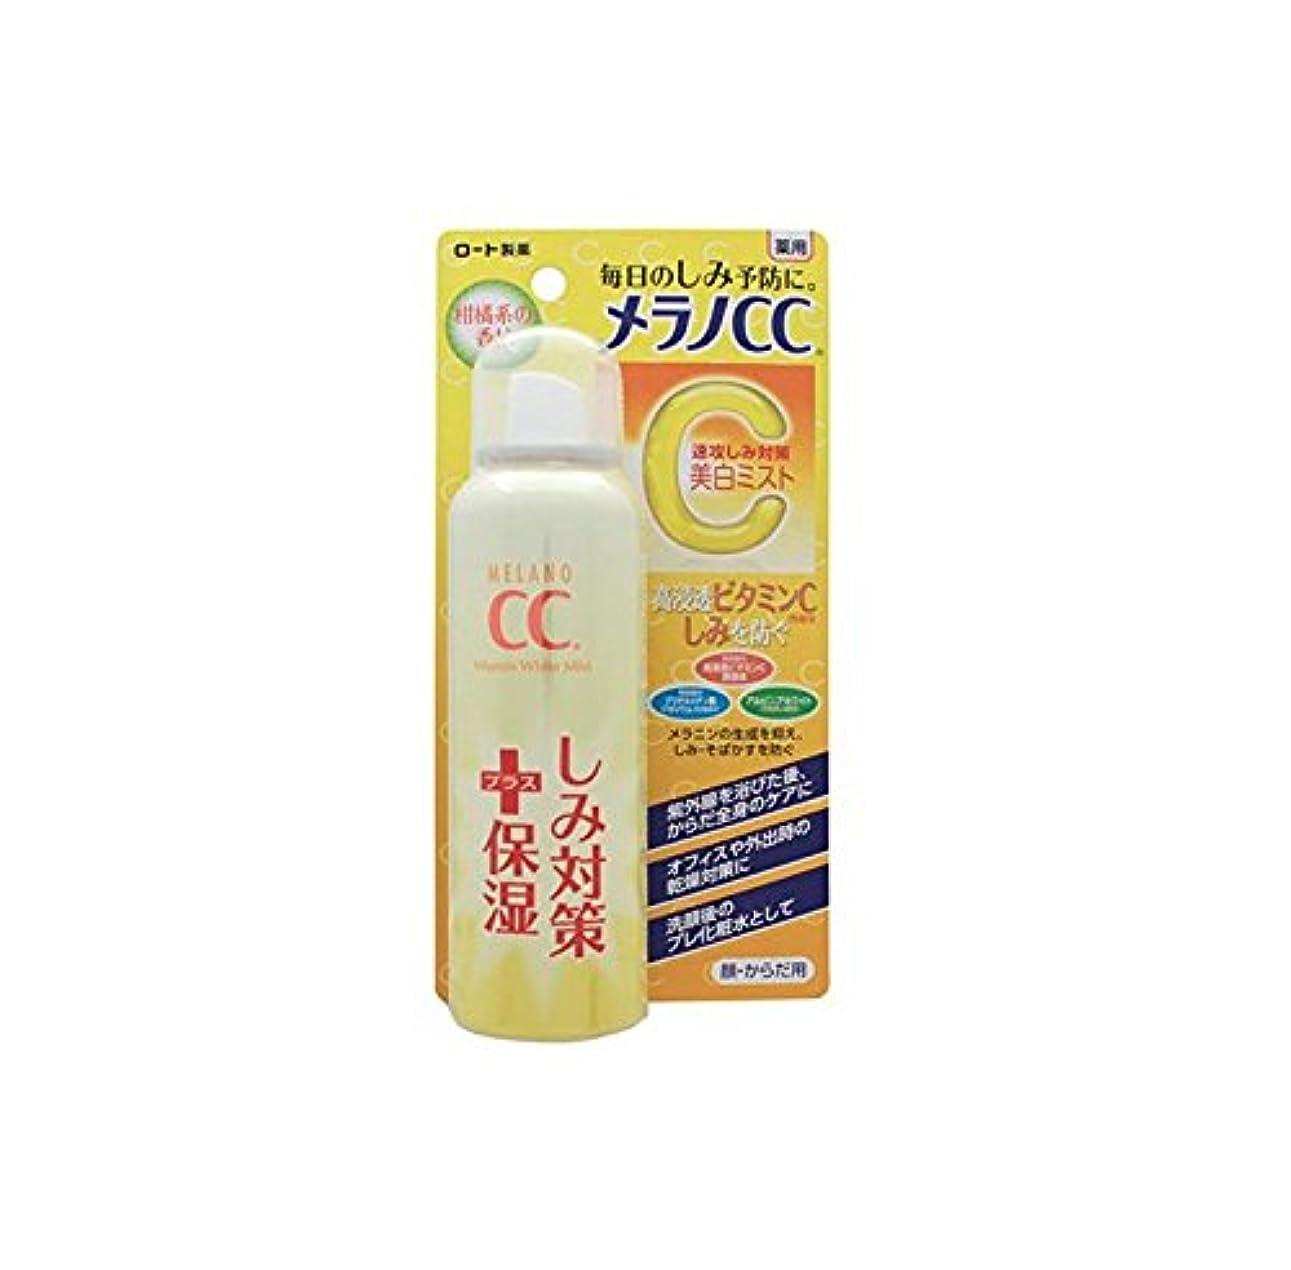 ビジョンツーリストセーブメラノCC 薬用しみ対策 美白ミスト化粧水 100g【医薬部外品】